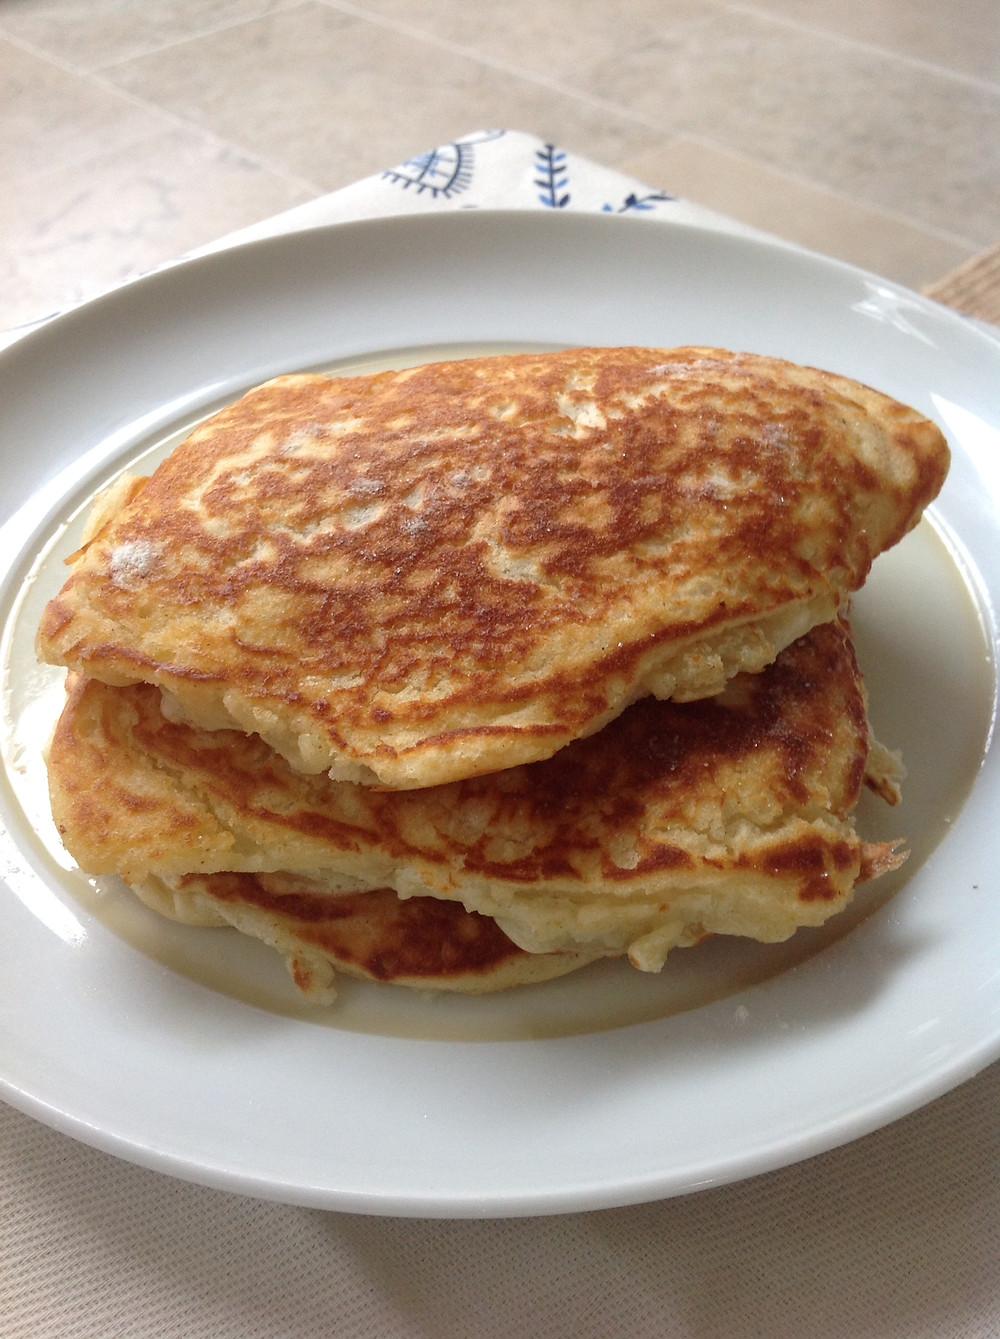 Bircher Muesli & Banana Pancakes